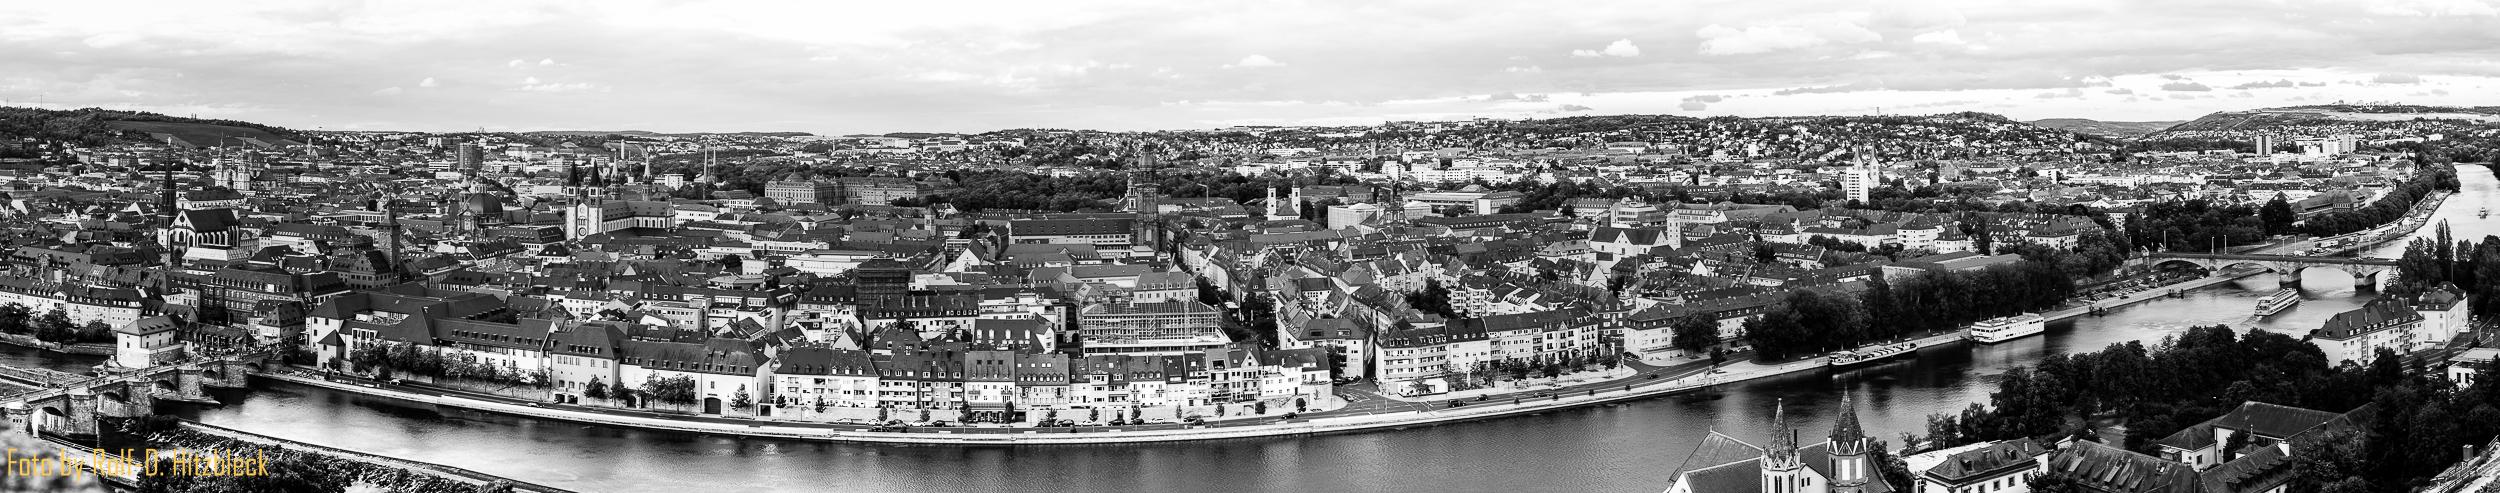 wuerzburg_panorama.jpg